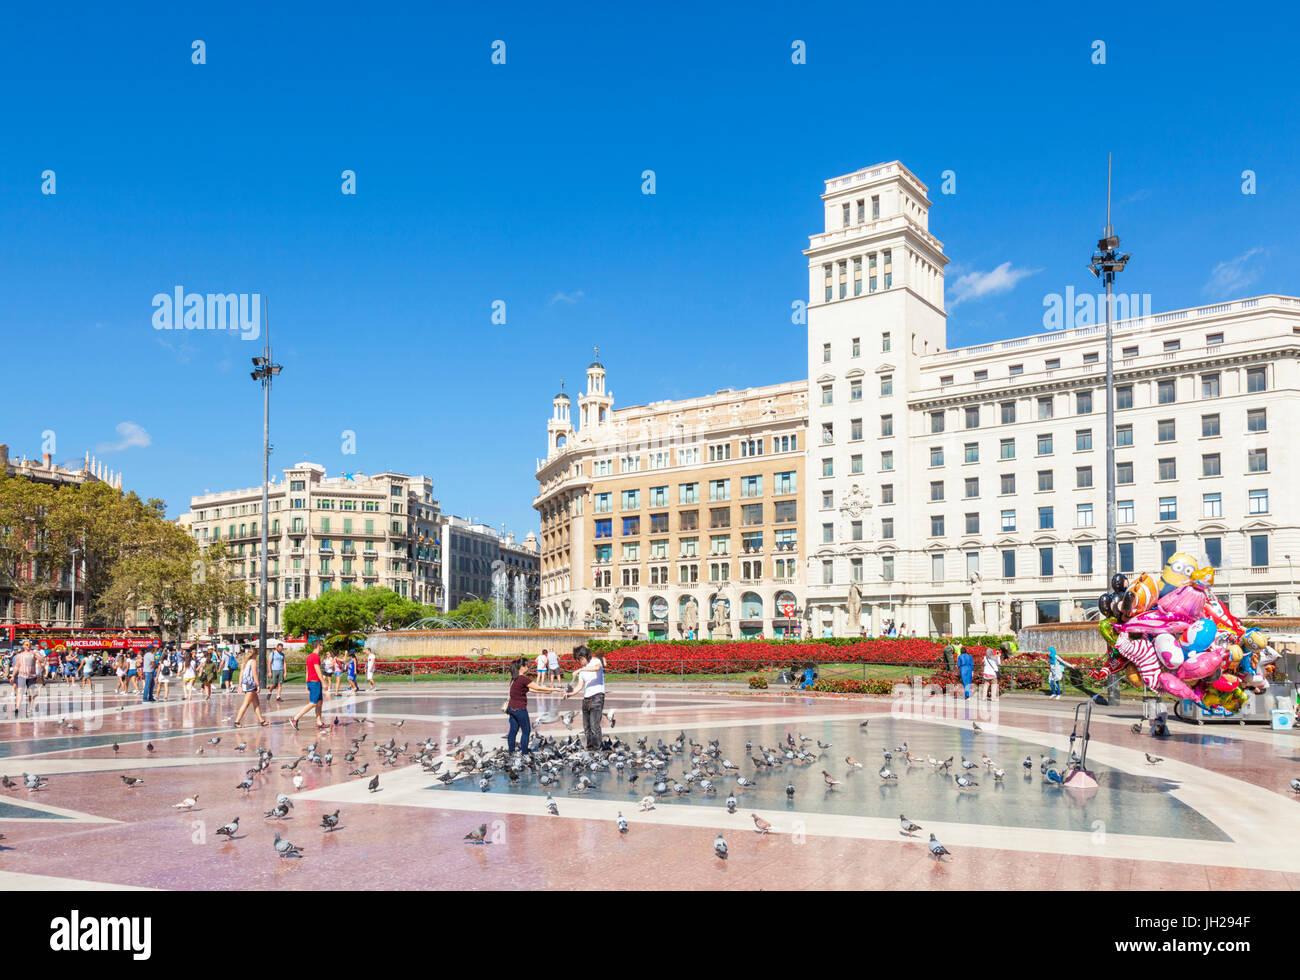 Placa de Catalunya, einem großen öffentlichen Platz in der Innenstadt von Barcelona, Katalonien (Catalunya), Stockbild